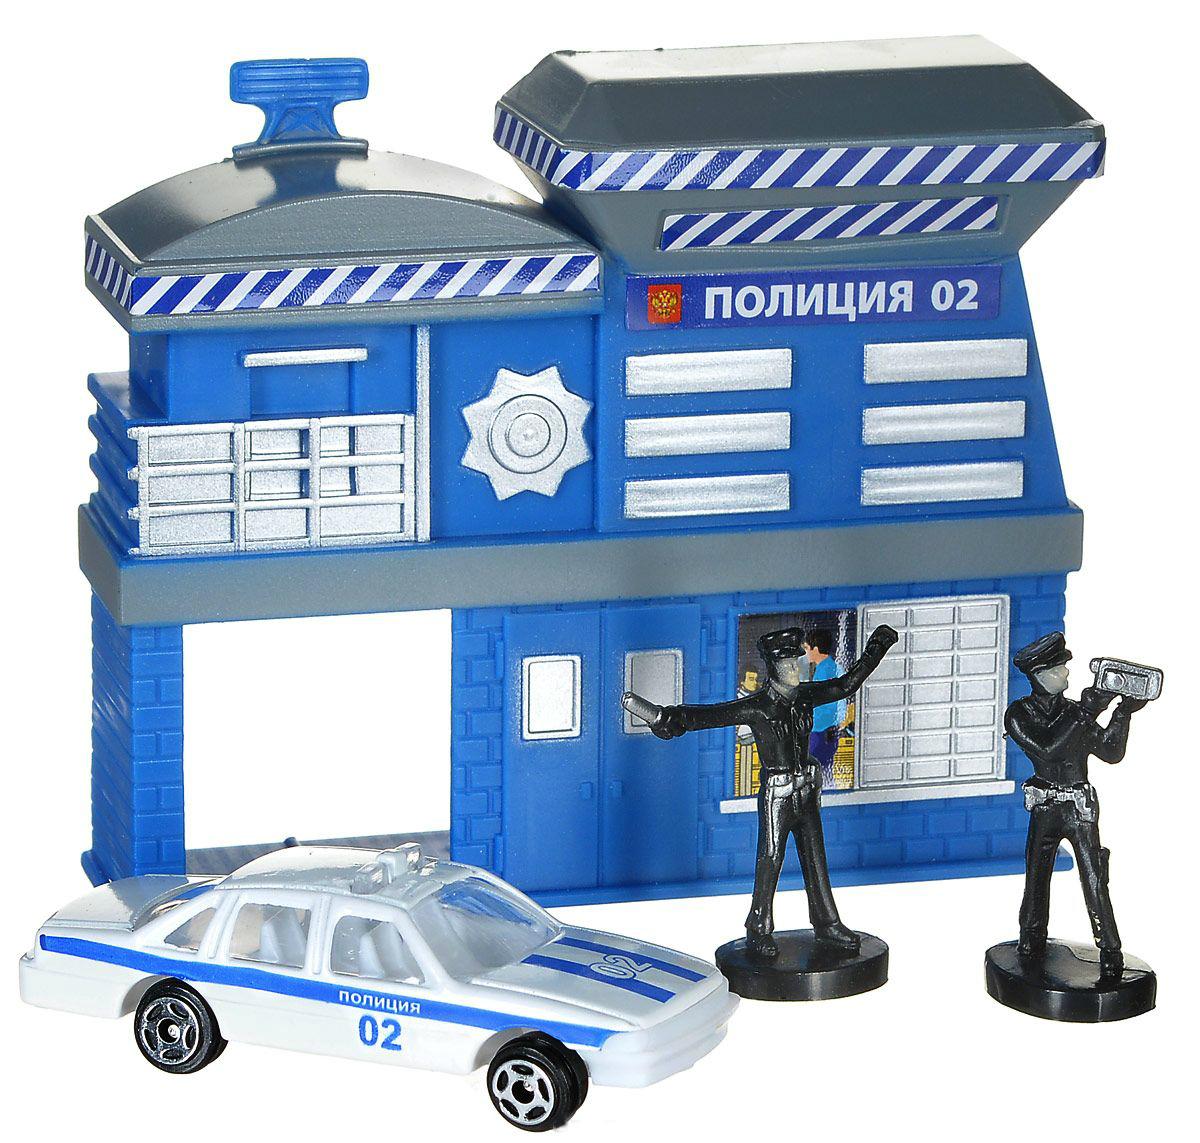 Набор - Полицейская часть с металлической машиной 7,5 см и 2-мя фигуркамиПолицейские машины<br>Набор - Полицейская часть с металлической машиной 7,5 см и 2-мя фигурками<br>